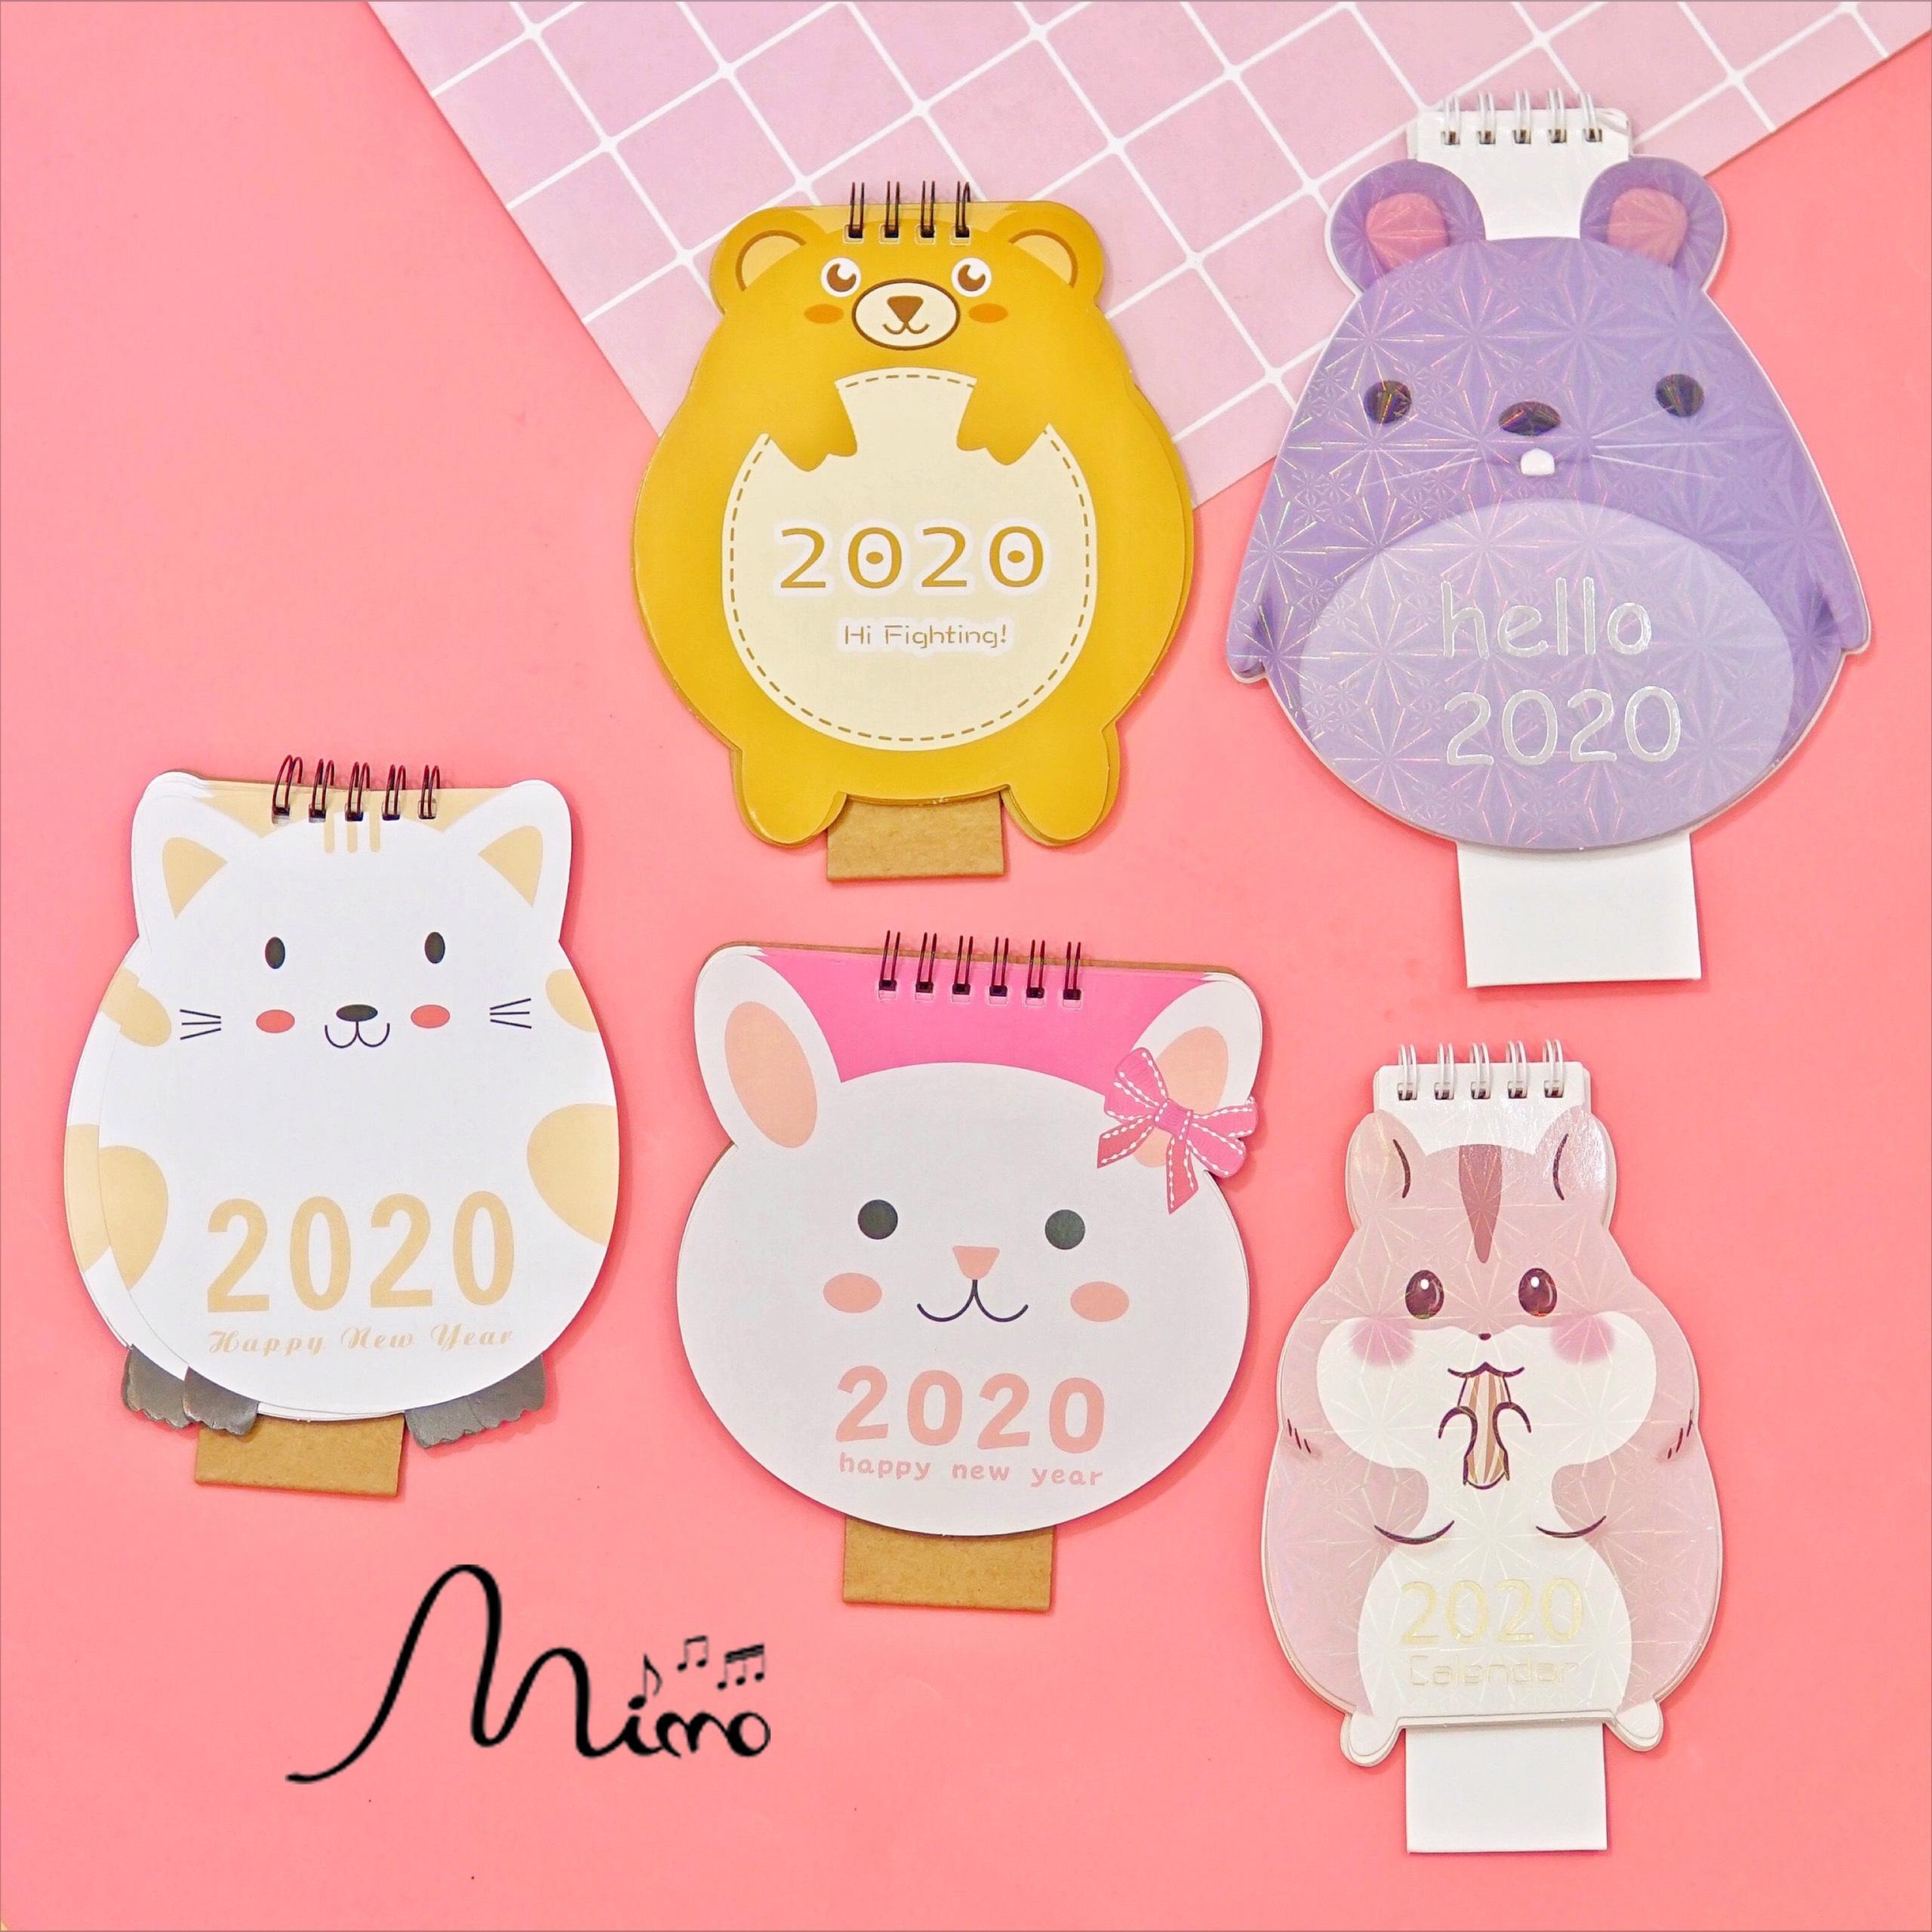 Lịch 2020 để bàn hình chuột hồng - lấp lánh